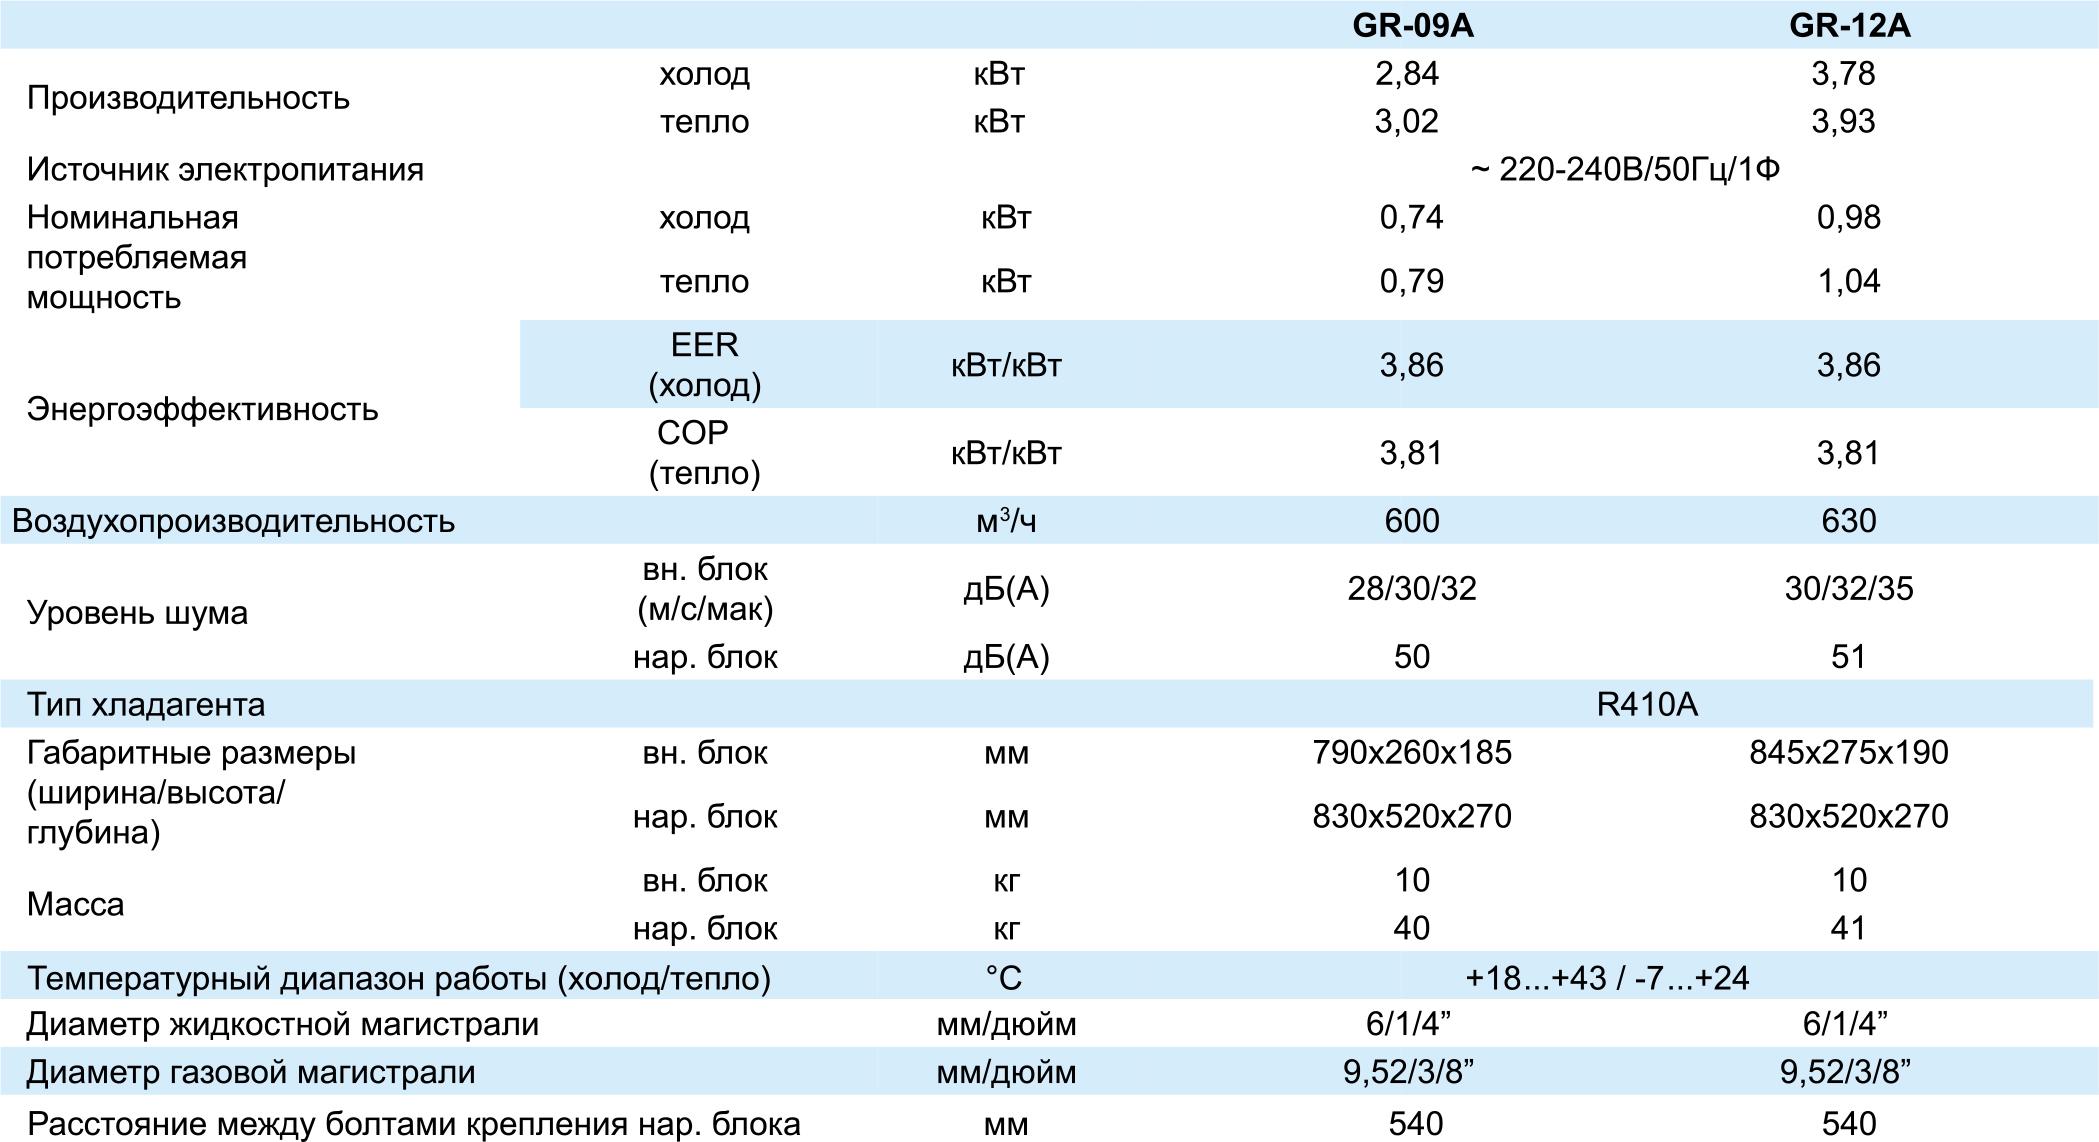 Технические характеристики кондиционера Tosot GR-12A серии VIOLA